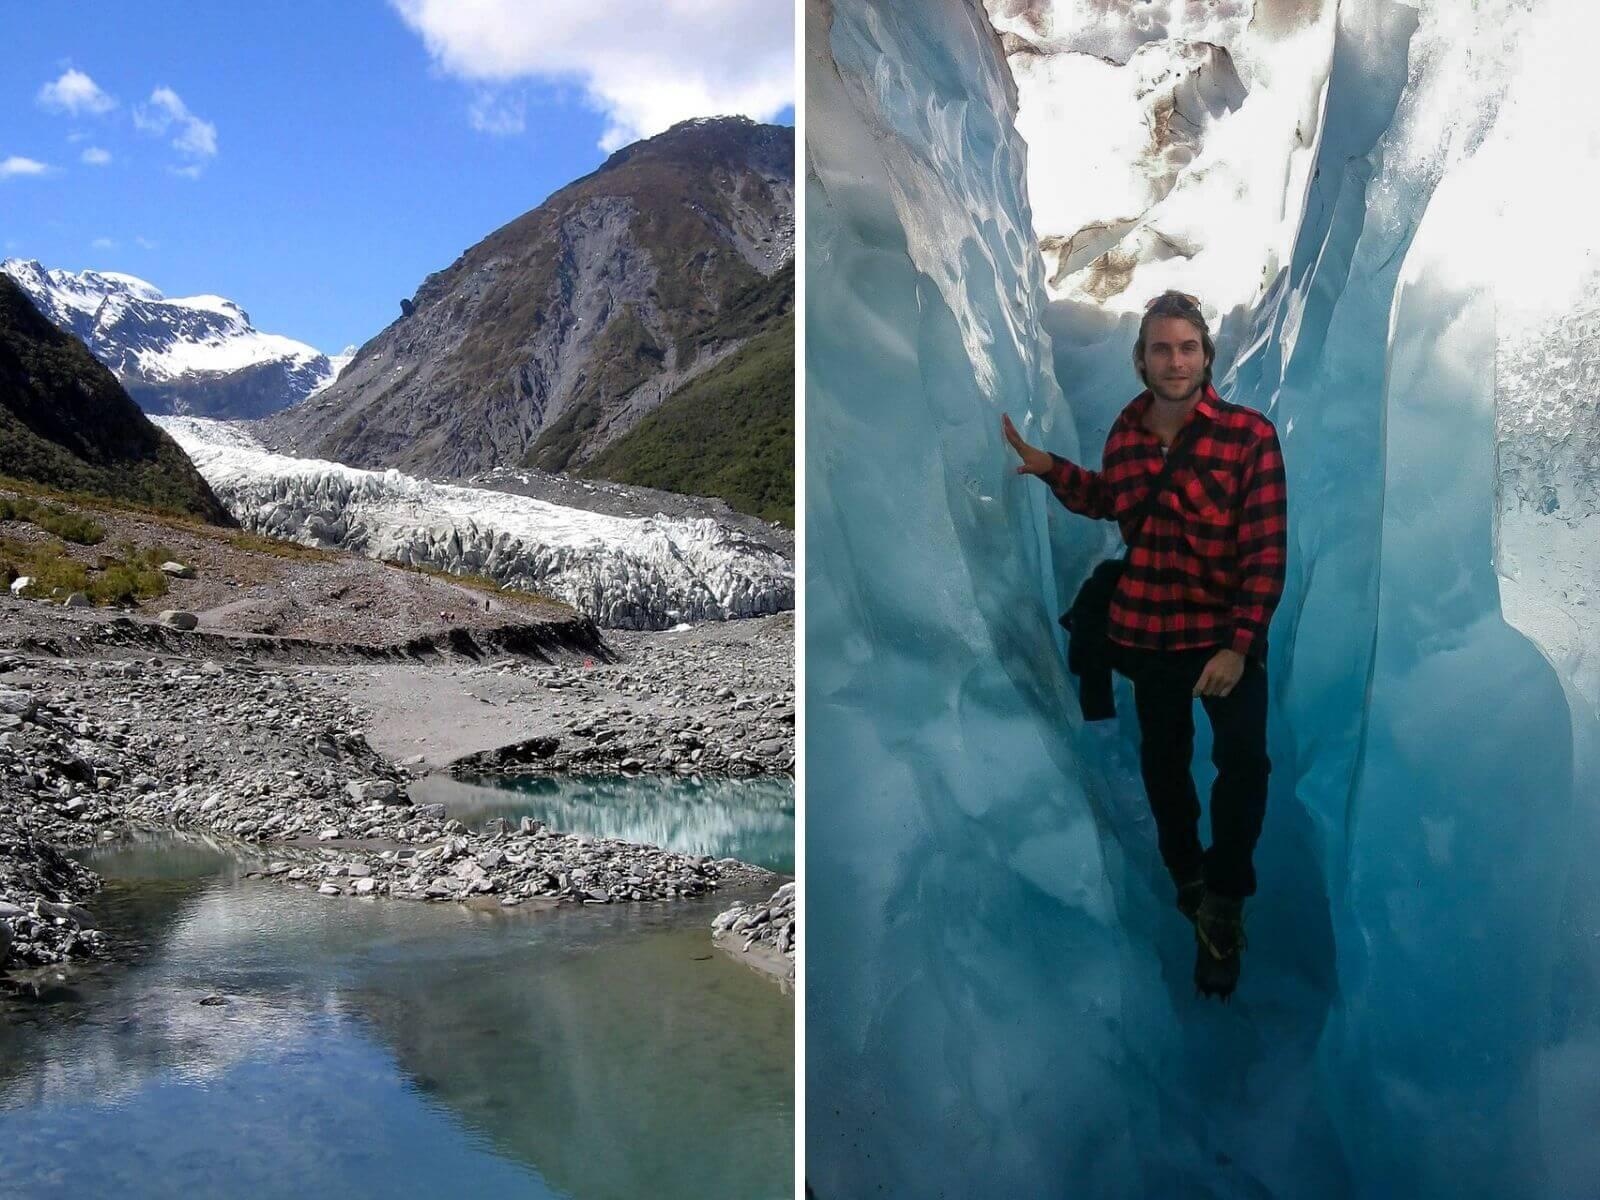 Franz Josef Glacier - een absolute must see op het Zuidereiland